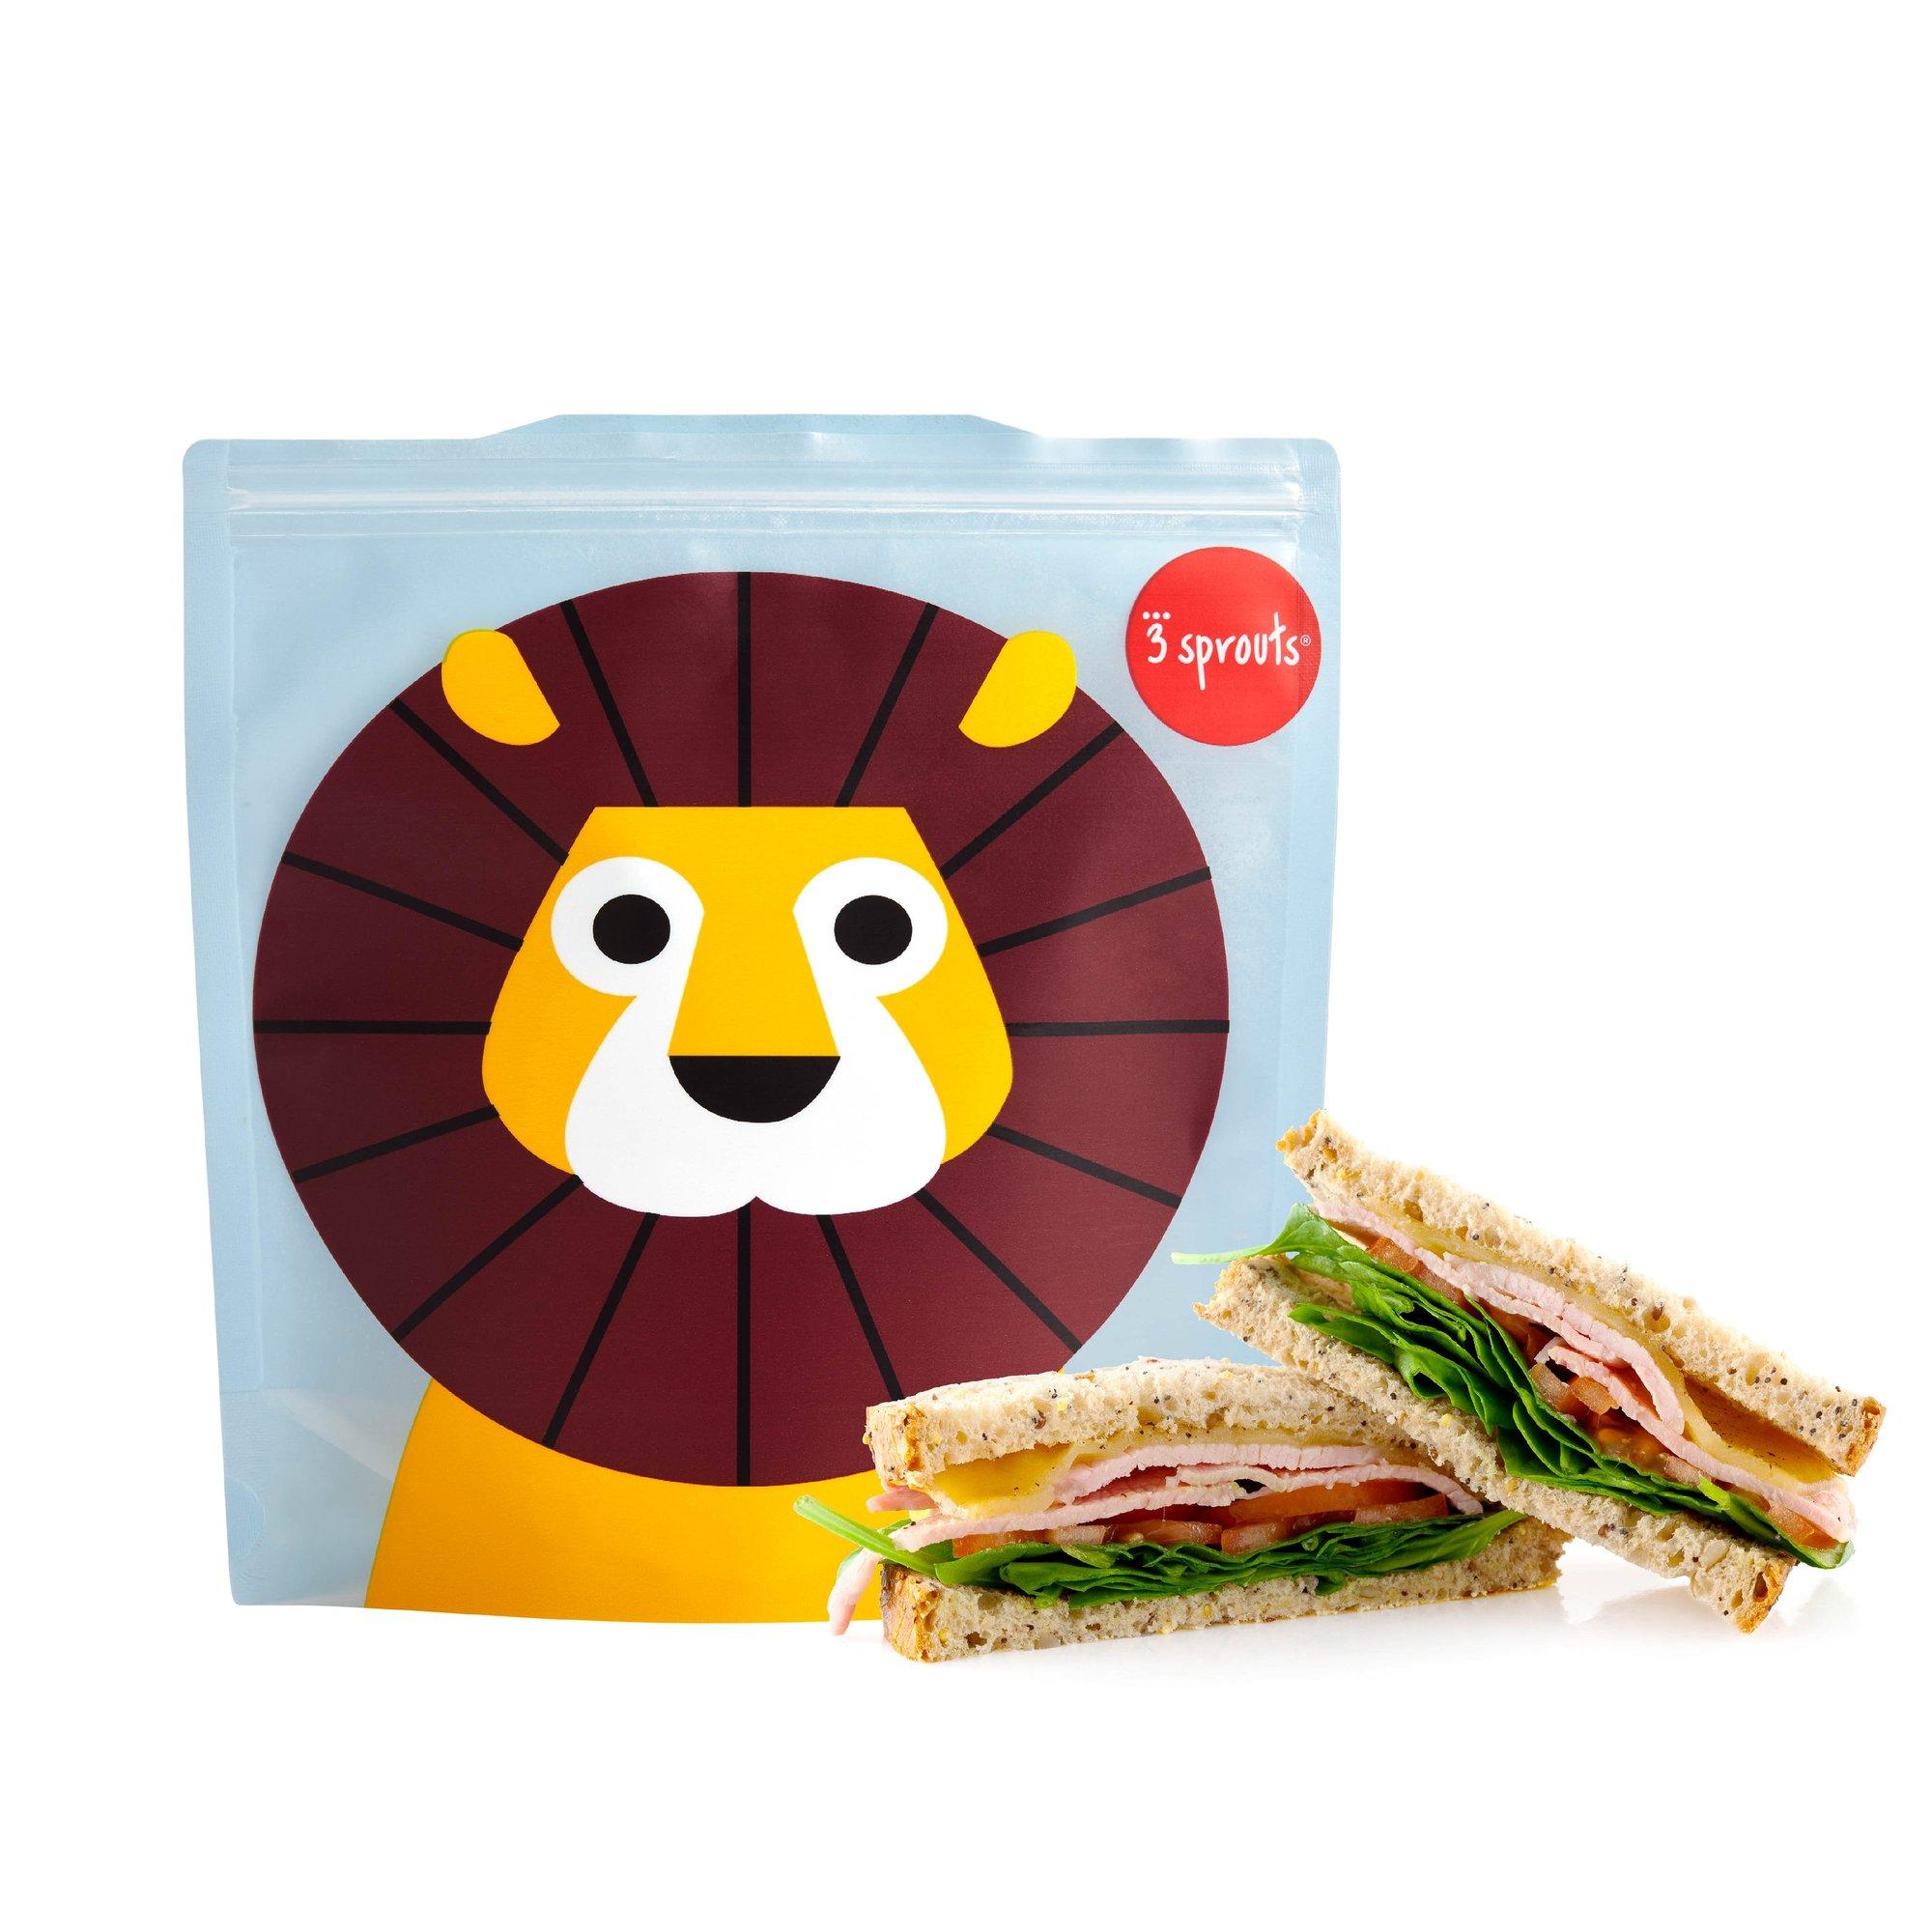 Bolsas Reusables Para Sandwich León